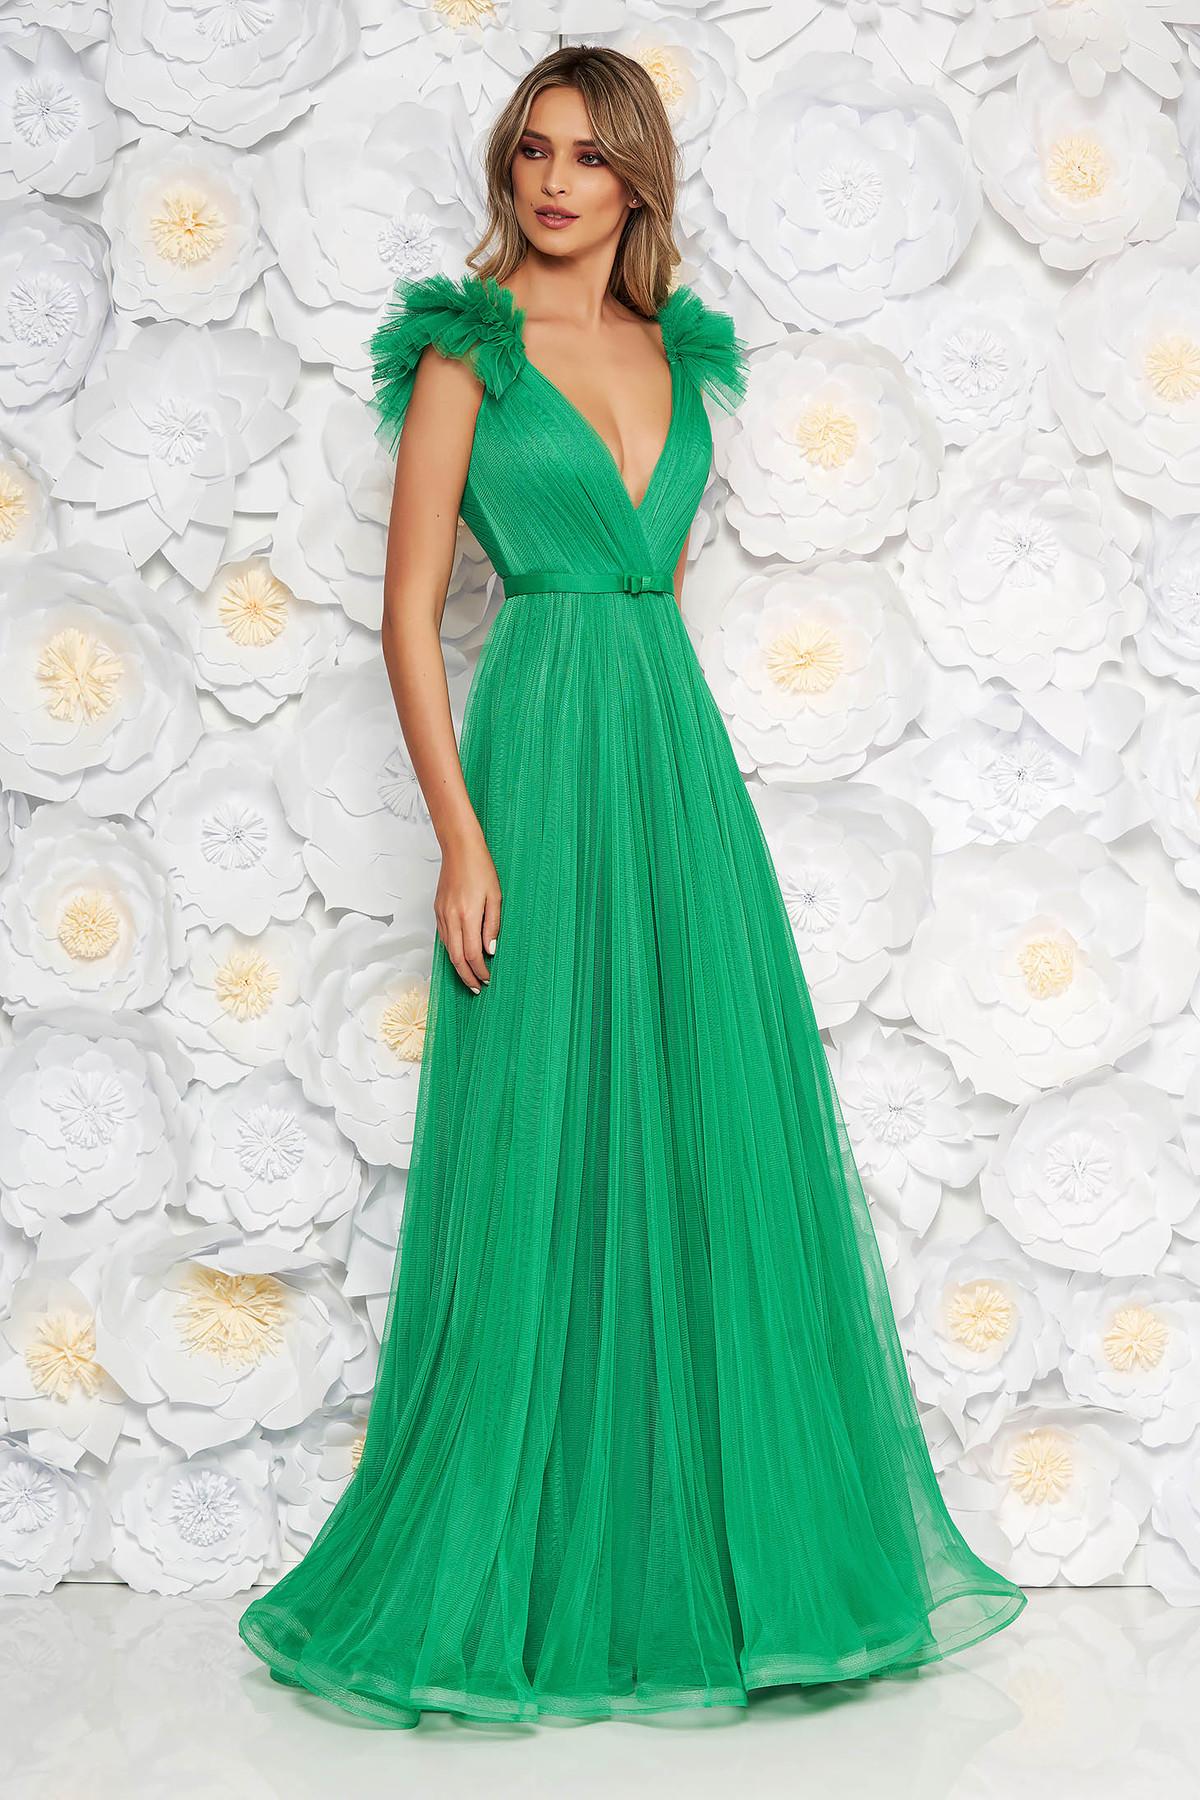 a37a819ff4 Világos zöld Ana Radu tüll ruha belső béléssel mély dekoltázs szivacsos  mellrész